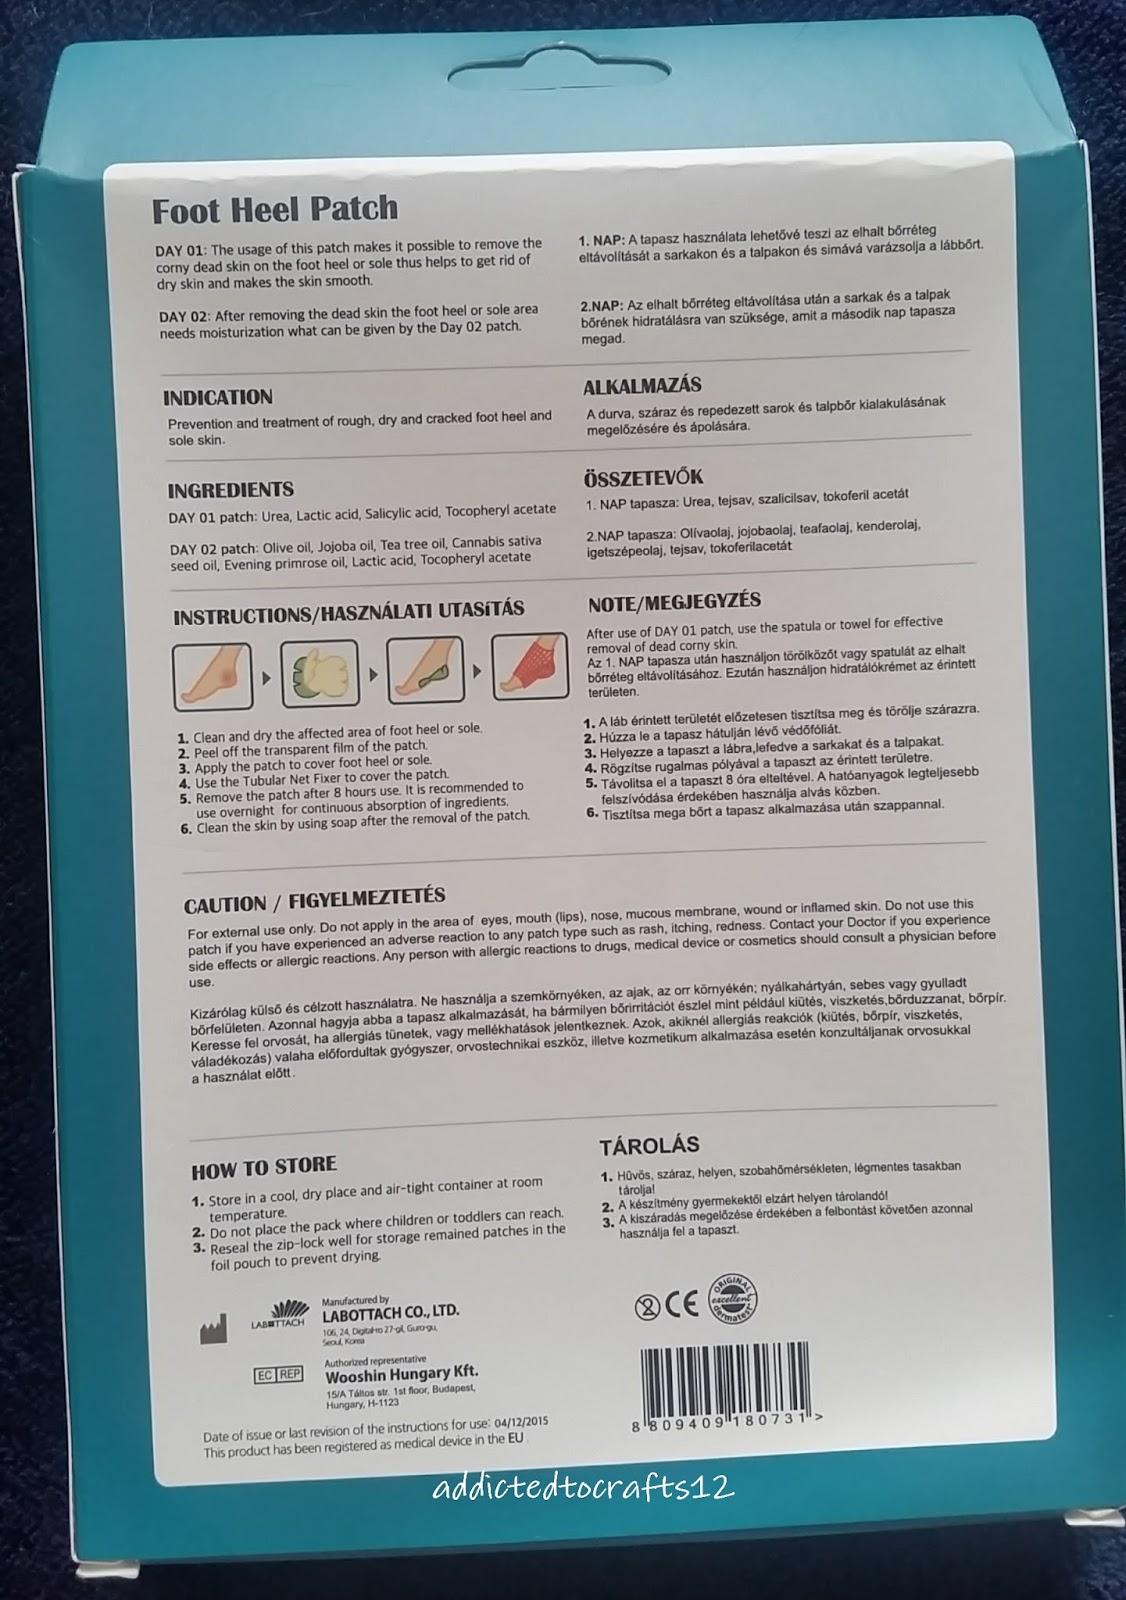 az atópiás dermatitis gyermekkorban diéta chart